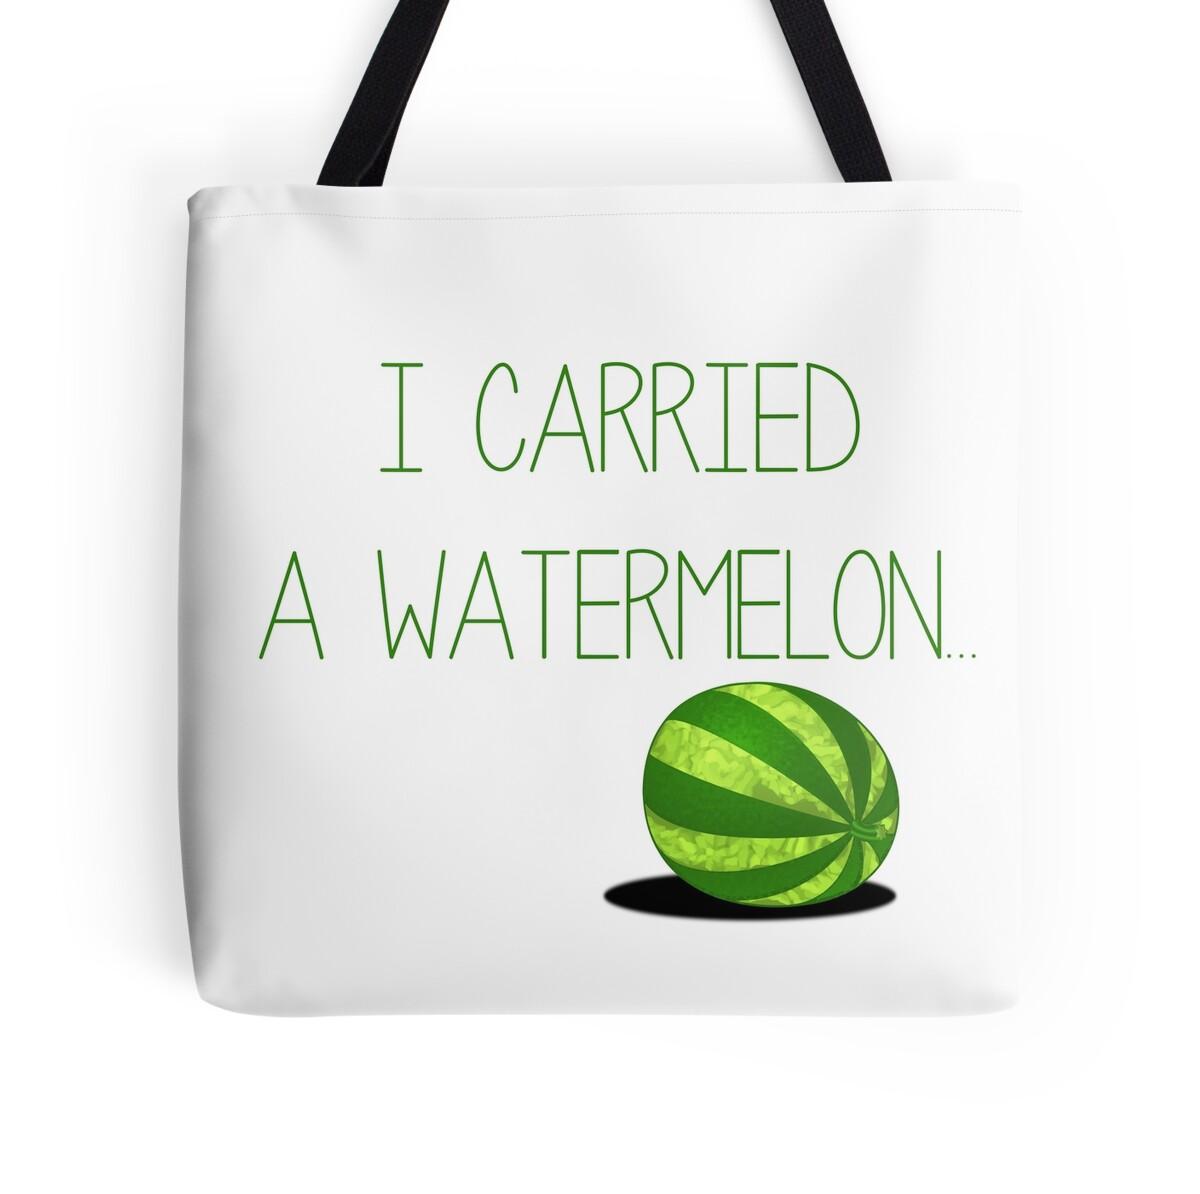 Ich trug eine Wassermelone - Dirty Dancing\